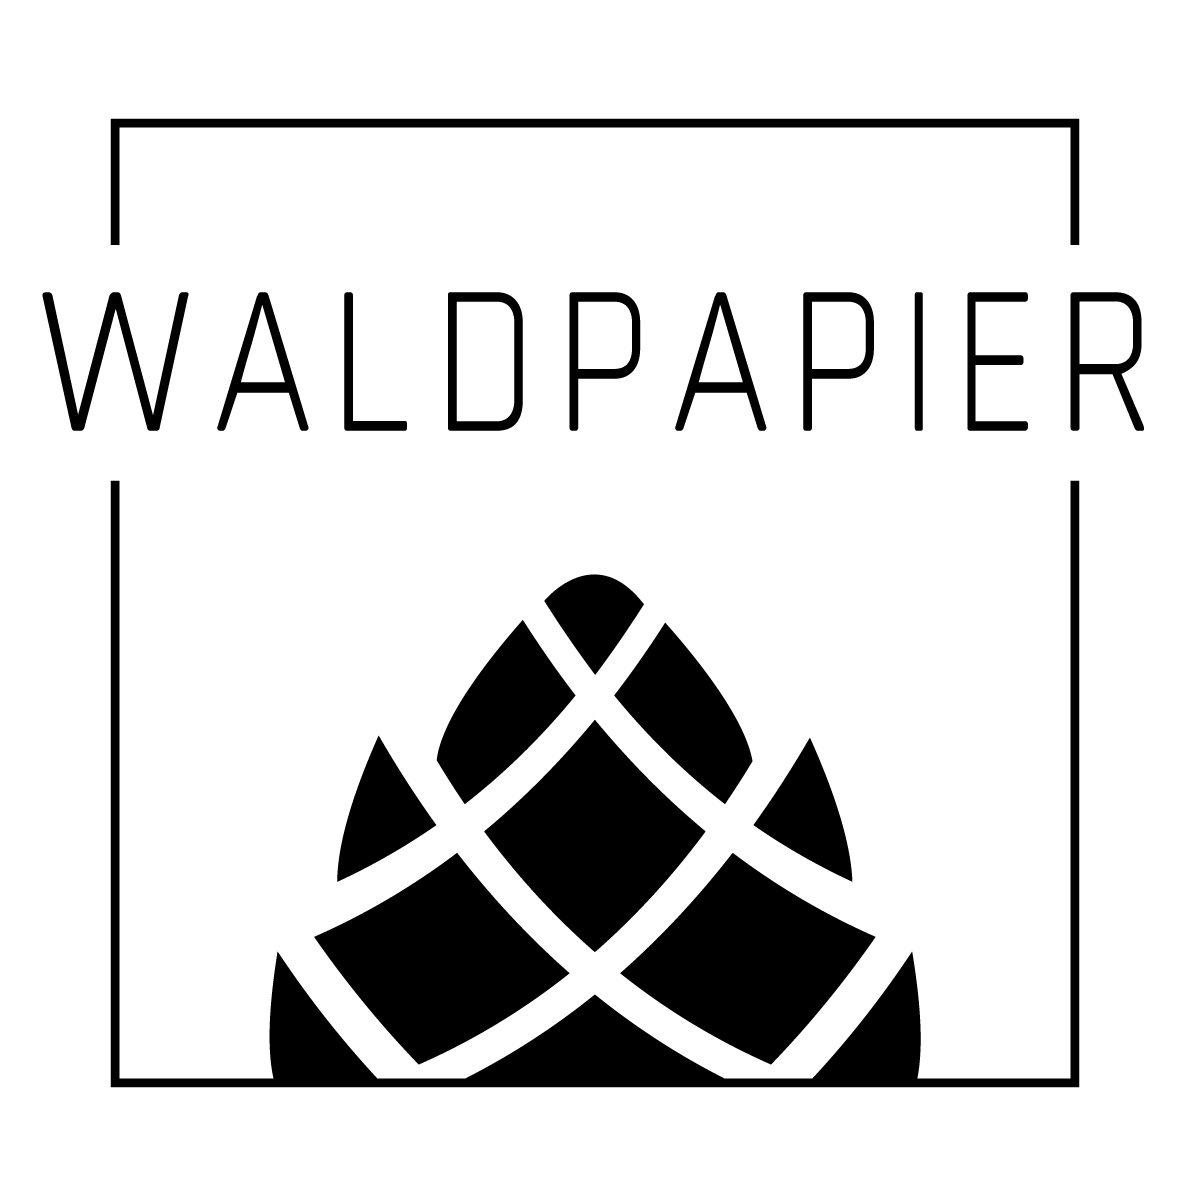 WALDPAPIER